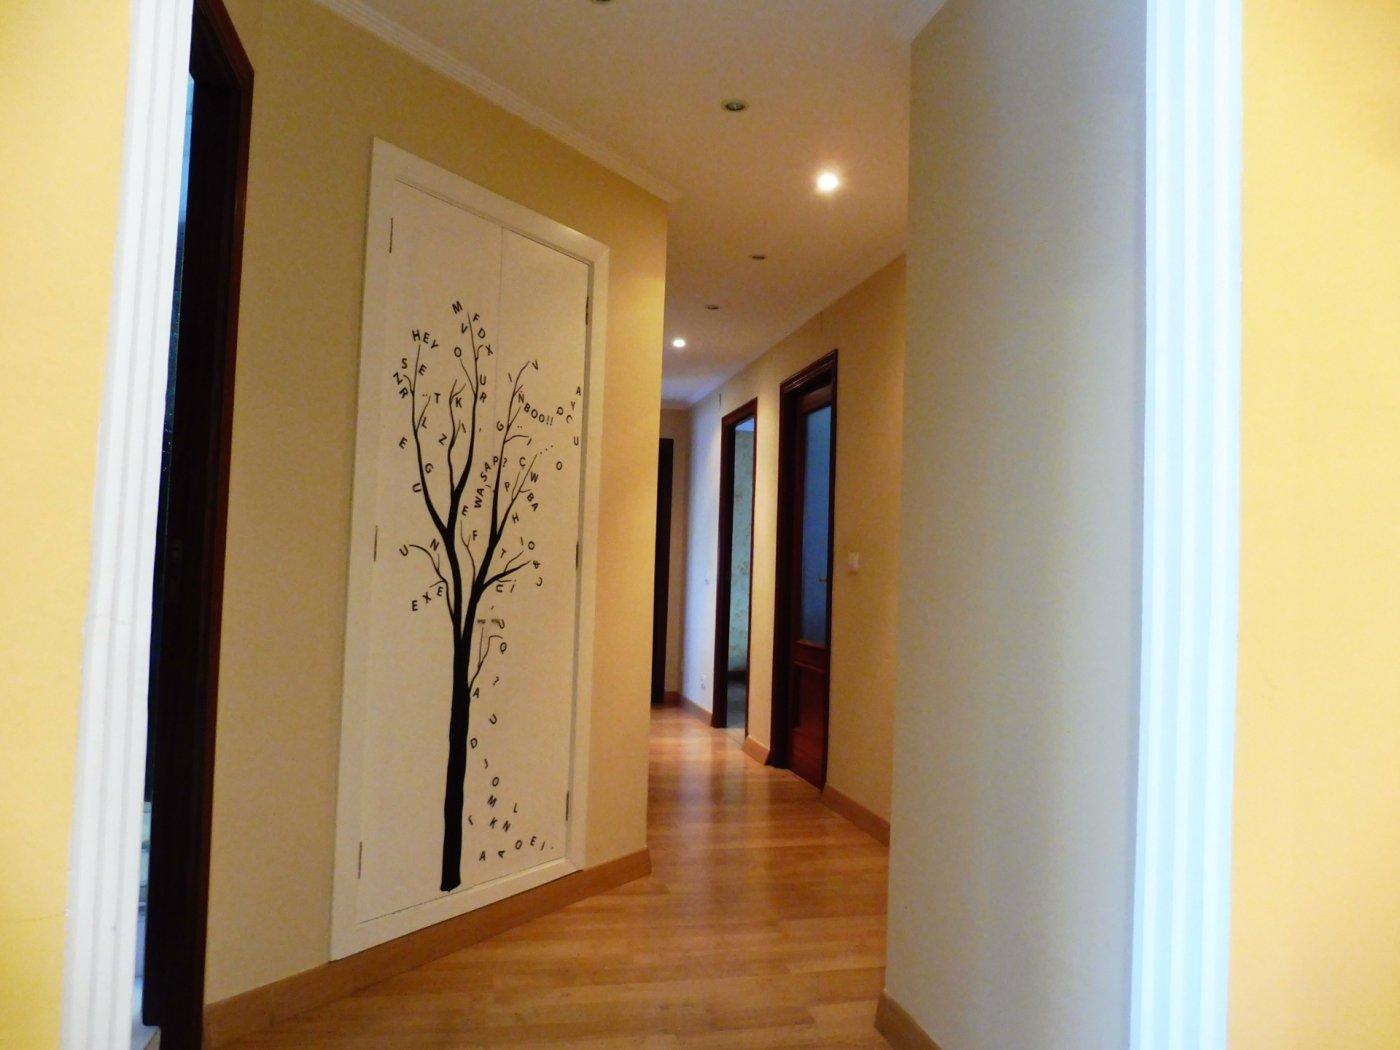 Amplio piso enfrente del centro de salud de perchera en nuevo gijón - imagenInmueble3